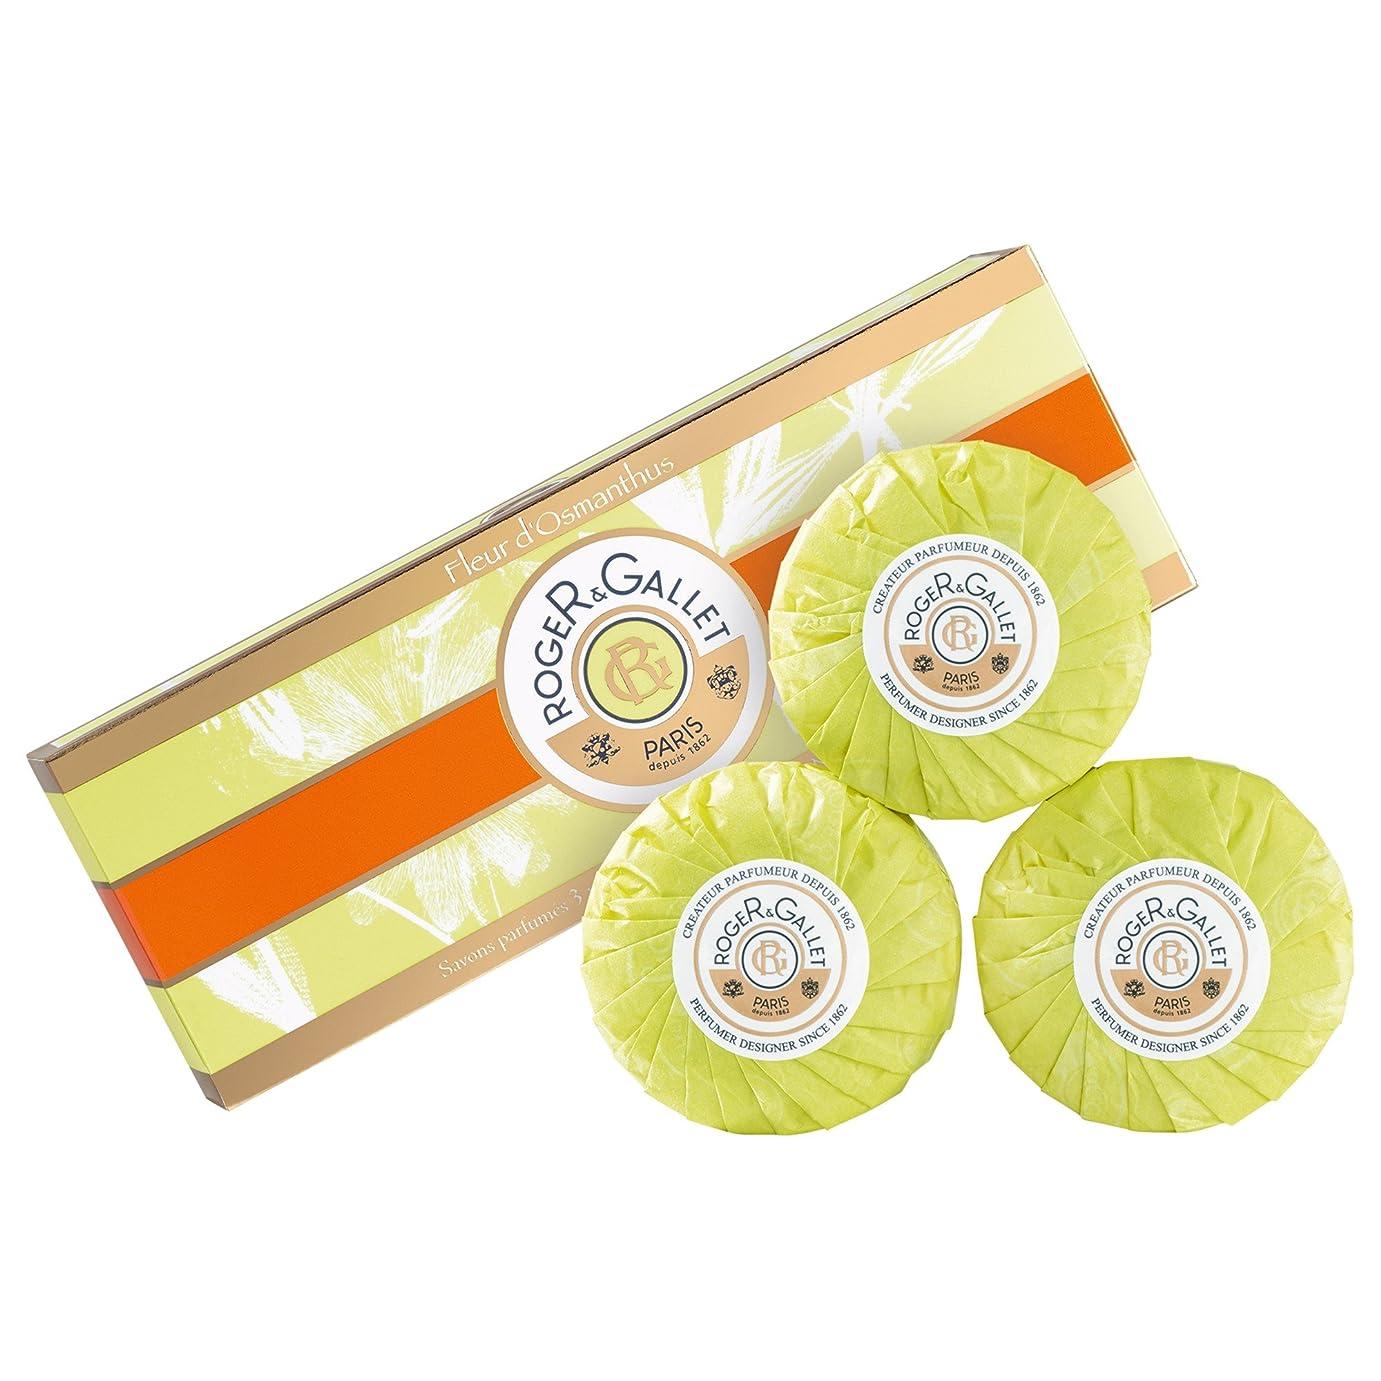 朝集中抵当ロジャー&Galletのフルールドールキンモクセイソープコフレ3つのX 100グラム (Roger & Gallet) (x6) - Roger & Gallet Fleur d'Osmanthus Soap Coffret 3 x 100g (Pack of 6) [並行輸入品]